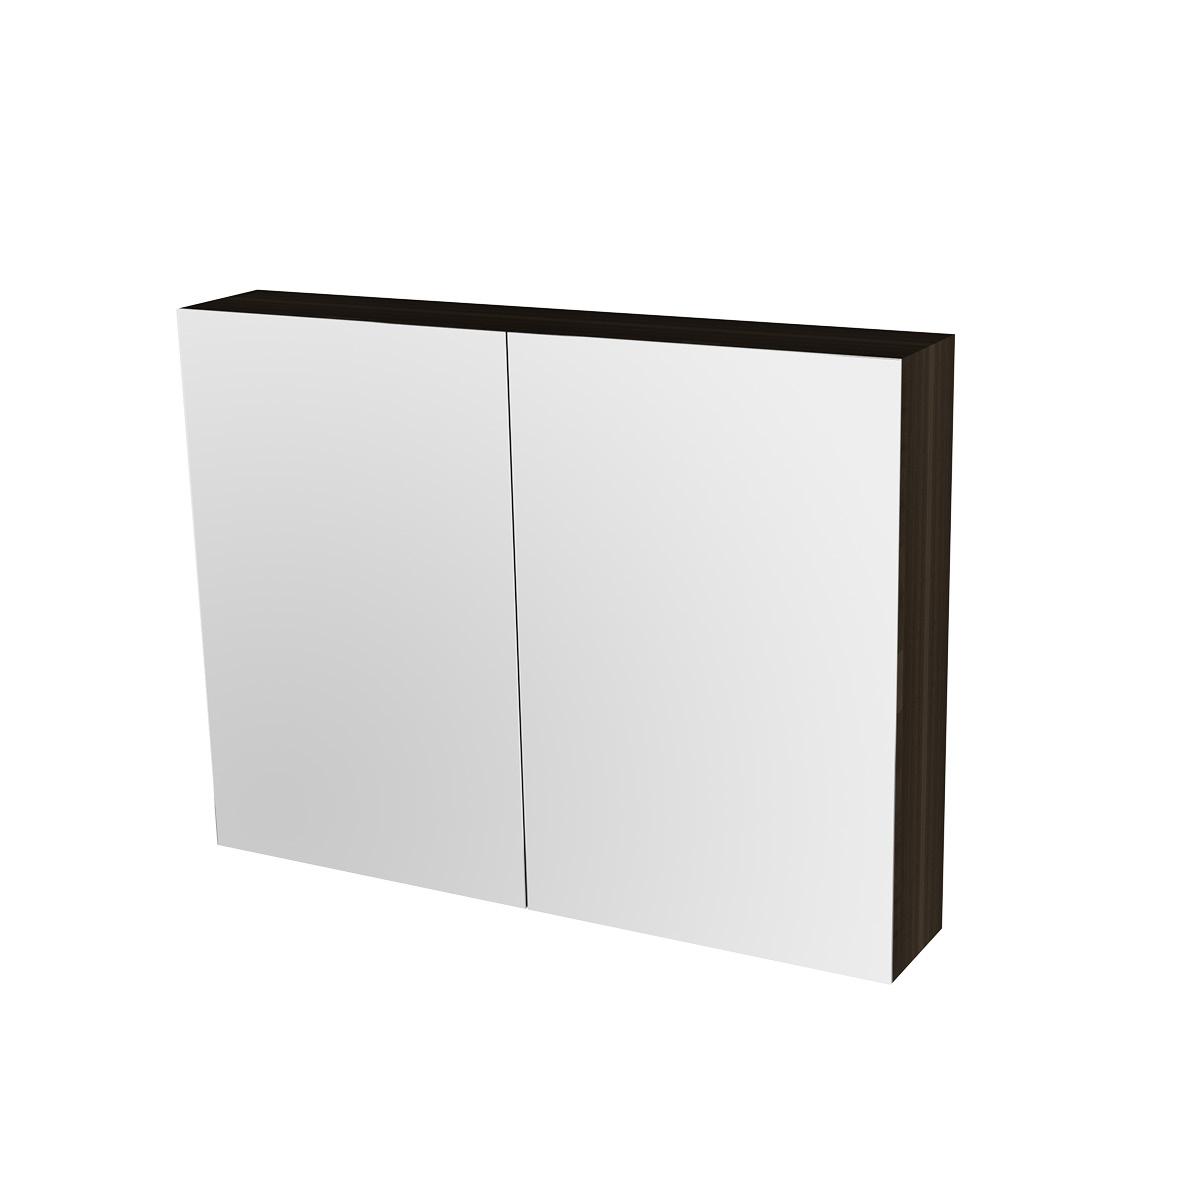 Spiegelschrank 80 cm nussbaum Badewelt Badezimmer Möbel